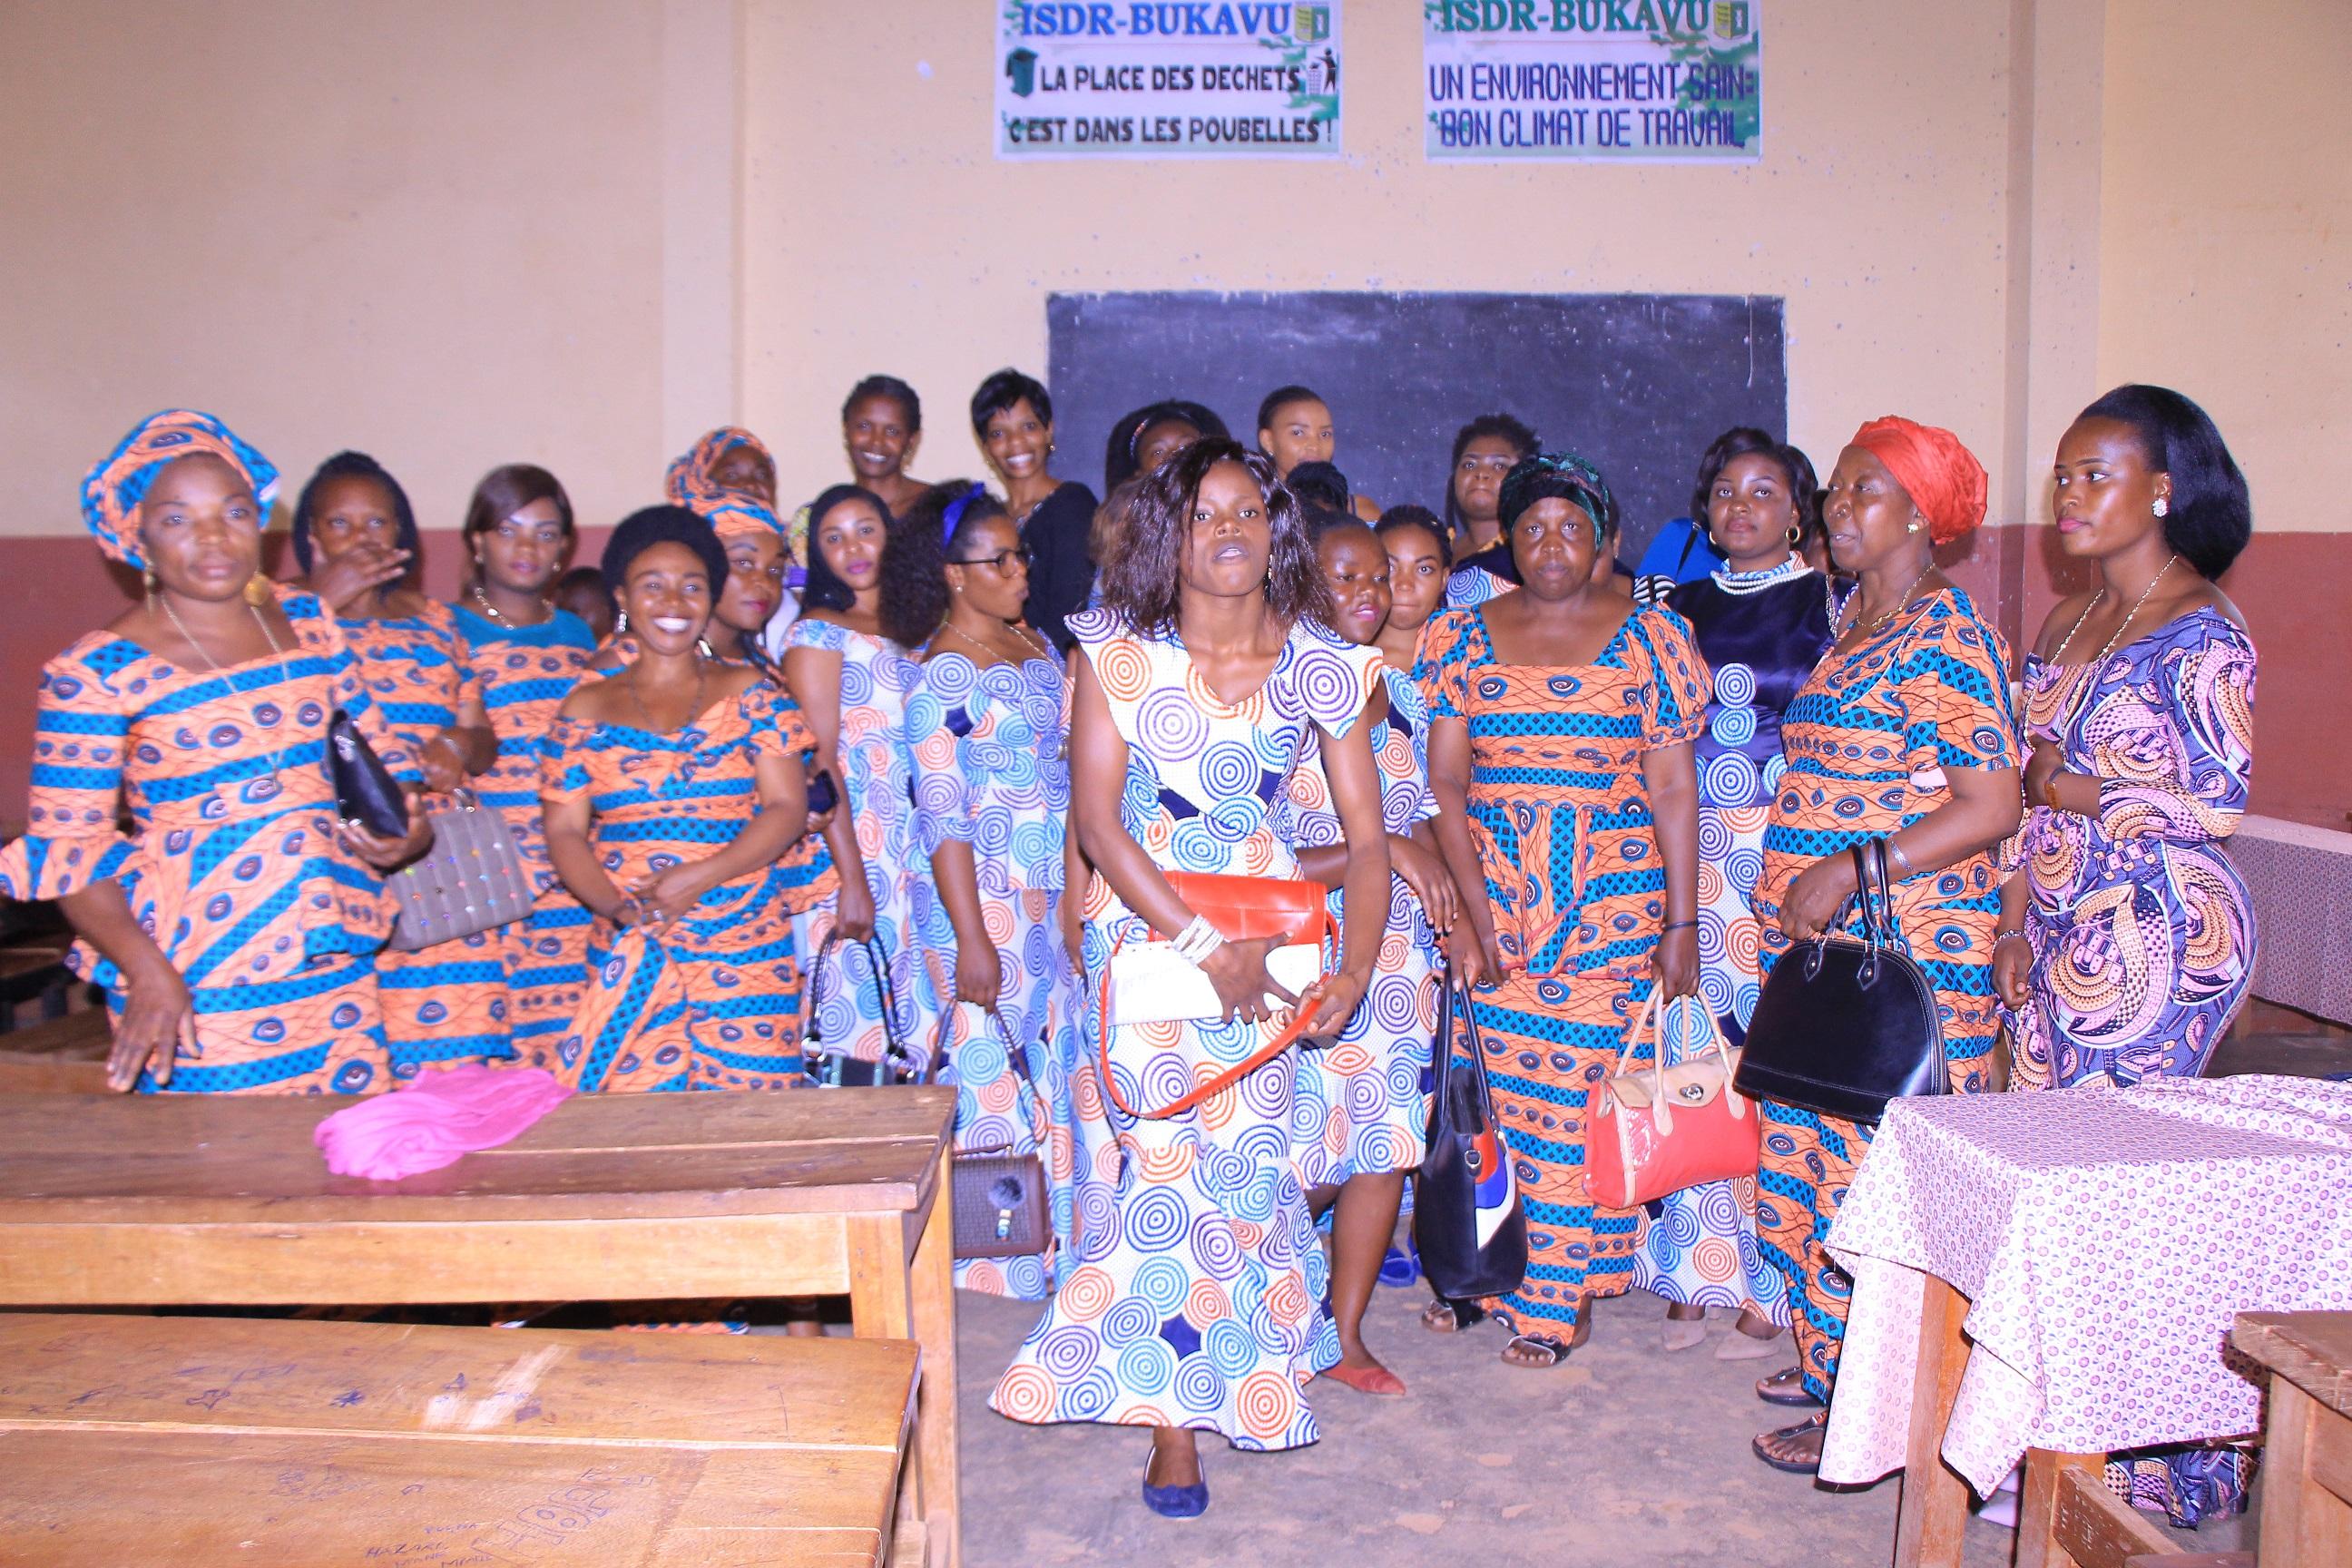 Même regard, même avenir, égalité des chances, quelle probabilité pour les femmes de l'ISDR-Bukavu ?